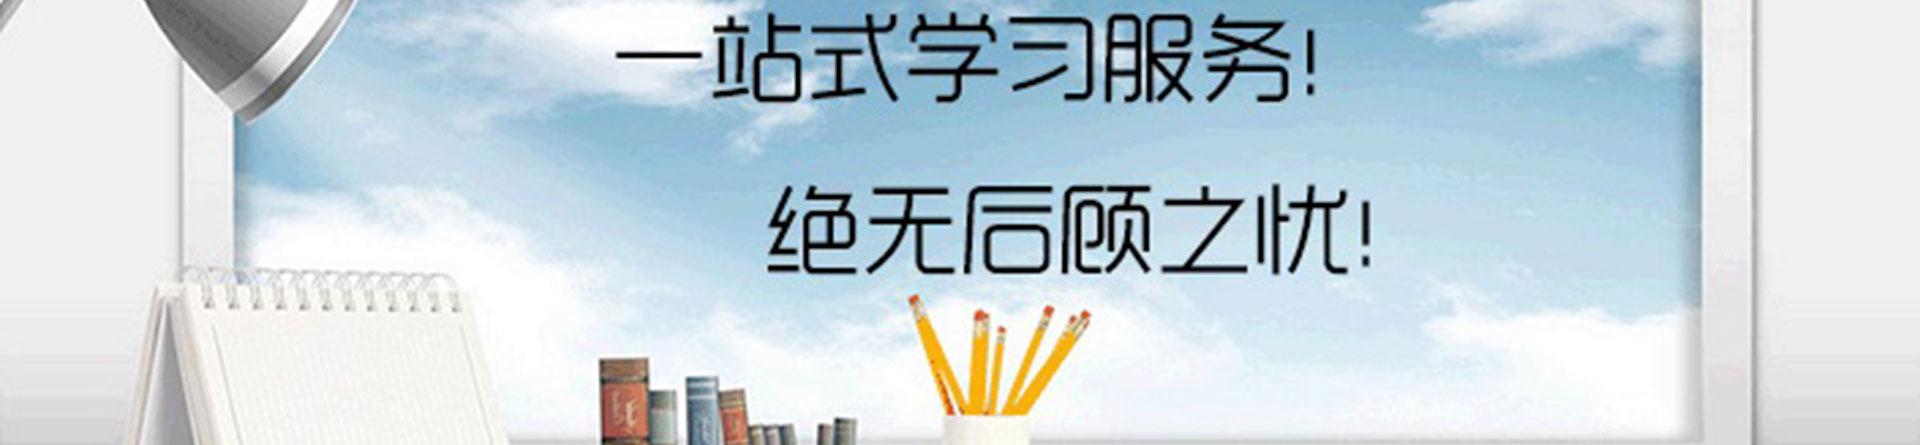 郑州中豫建筑培训中心